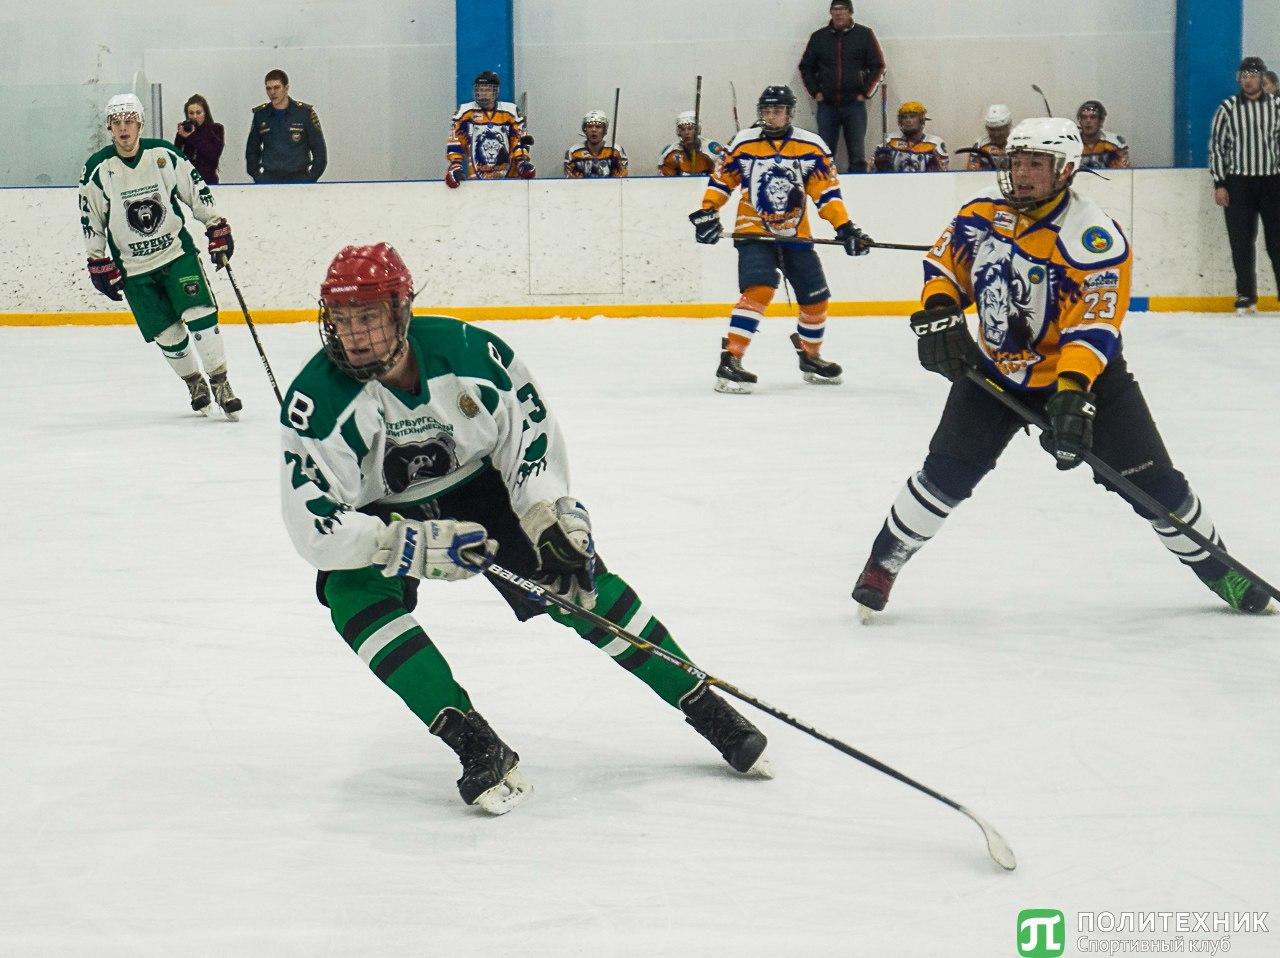 Хоккеисты Политеха стали бронзовыми призерами Студенческой хоккейной лиги